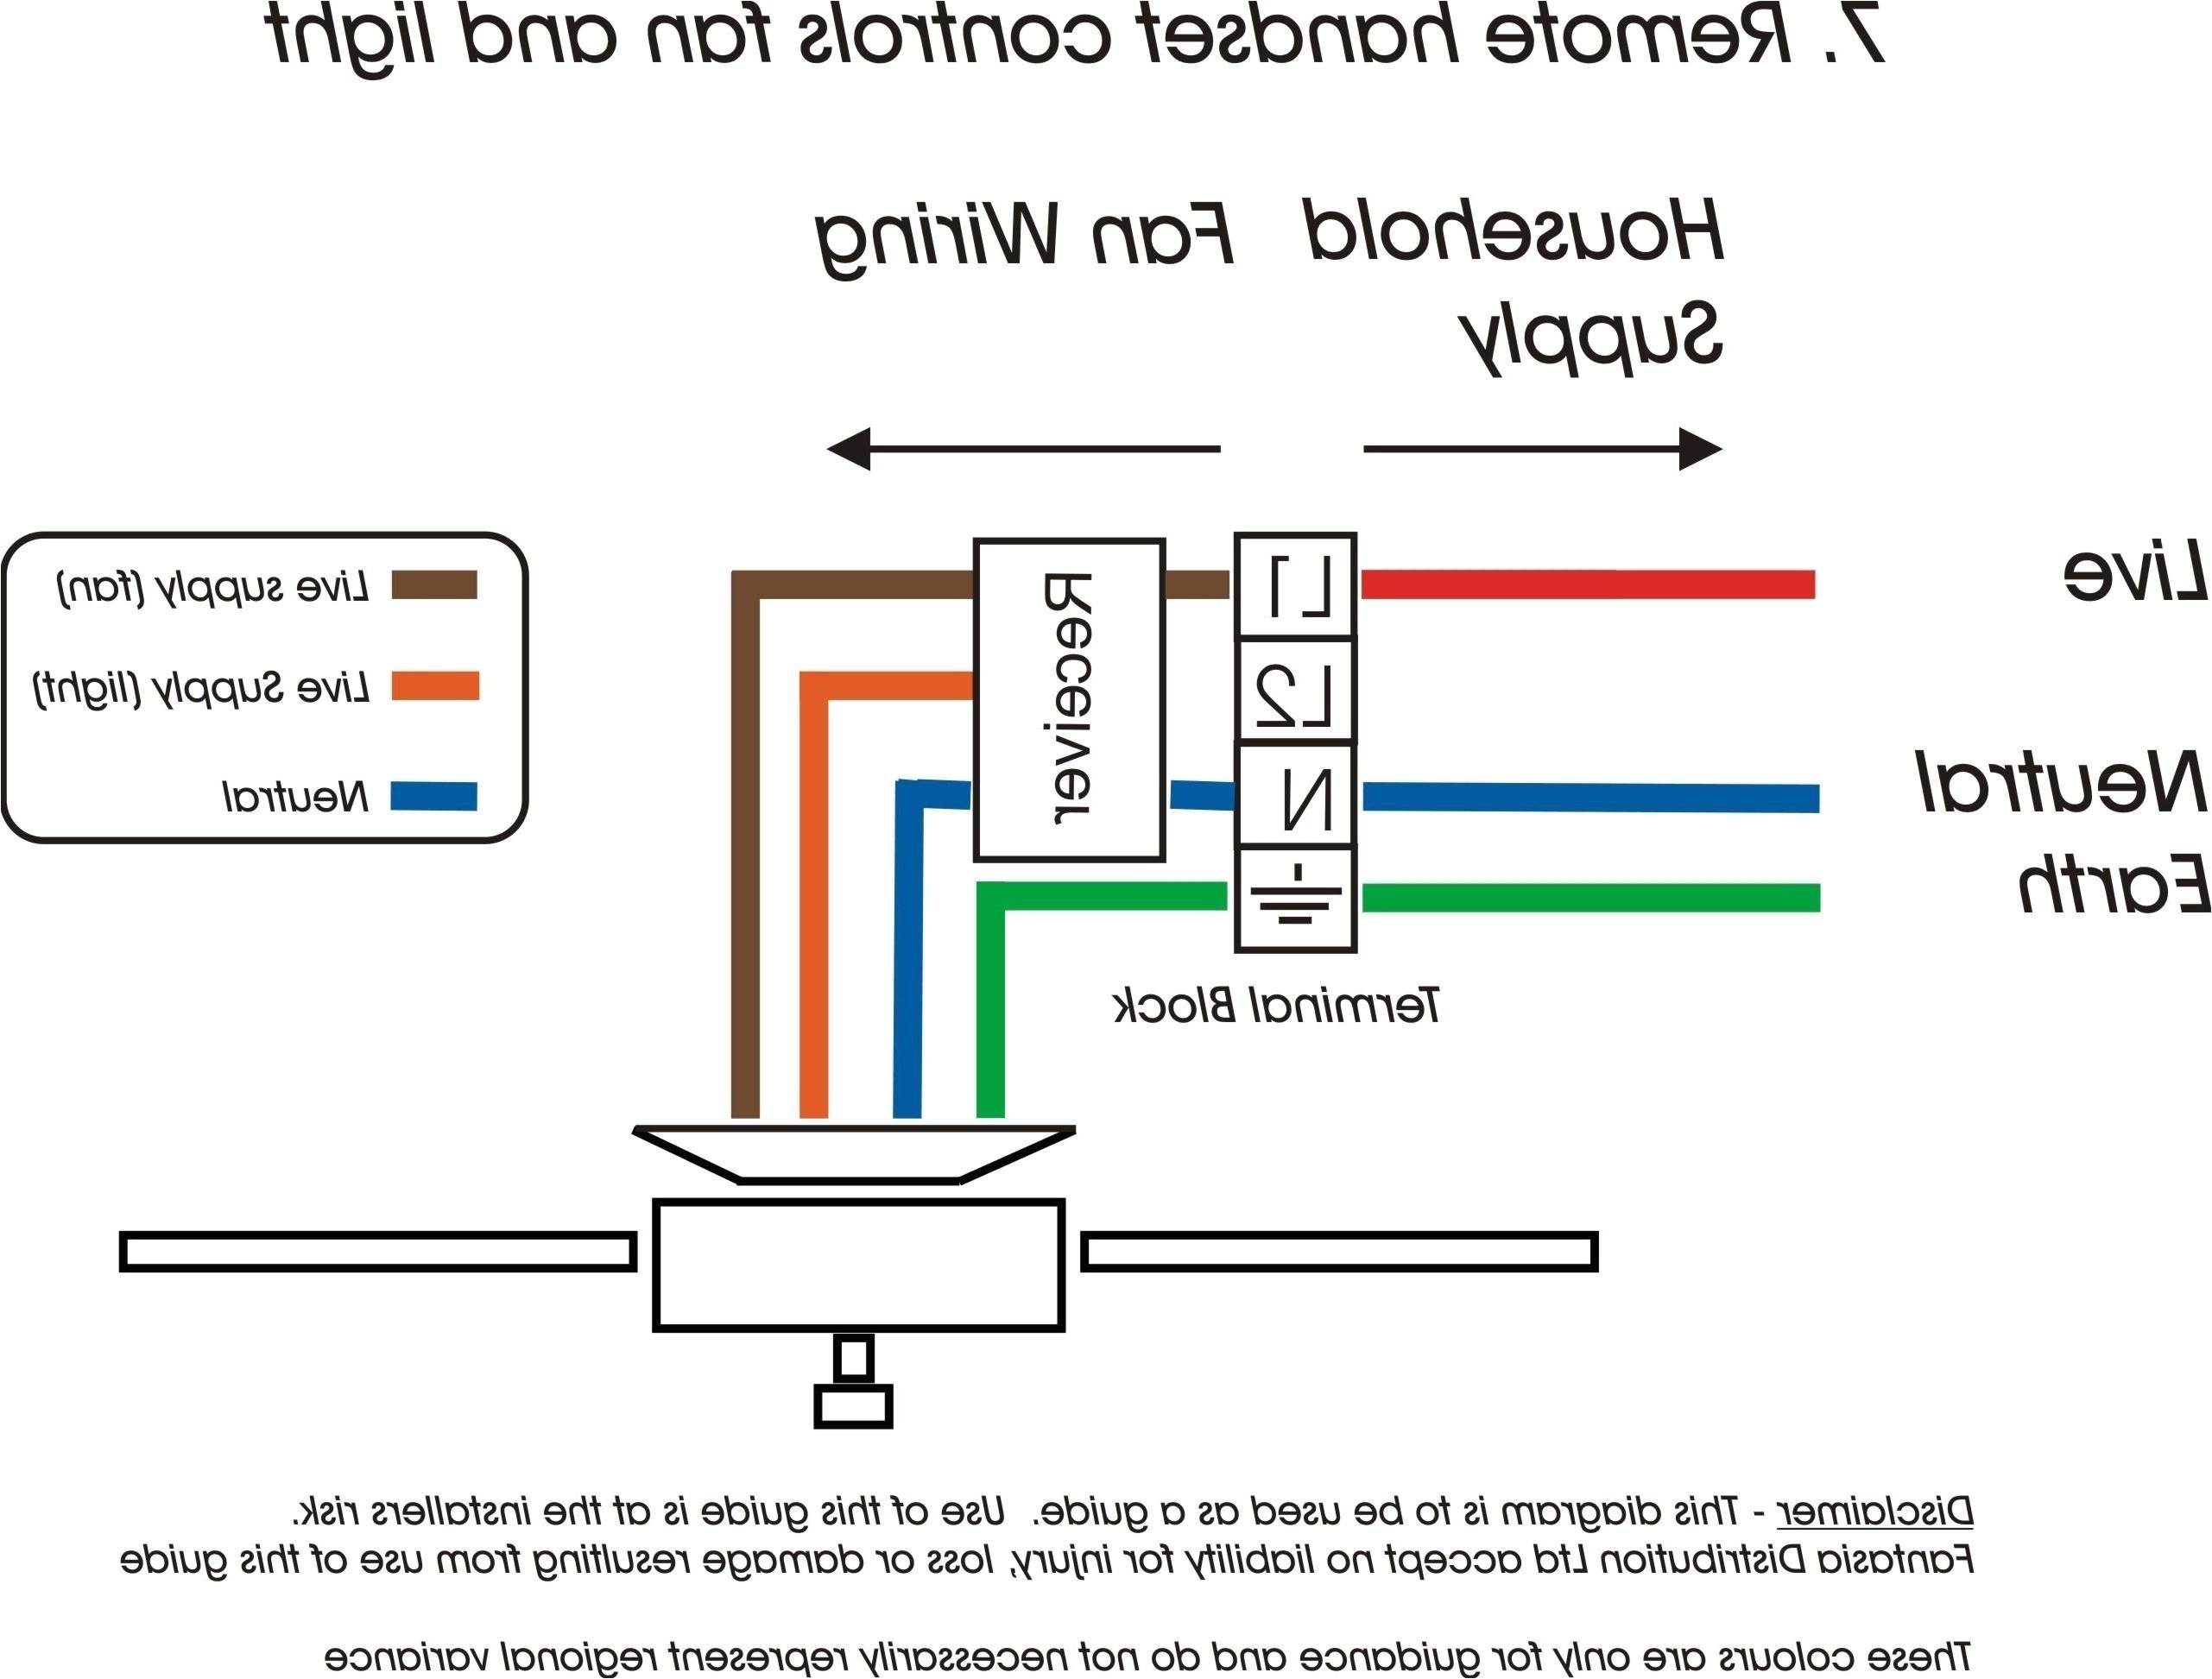 gewiss rj45 wiring diagram wiring diagram technic gewiss rj45 wiring diagram